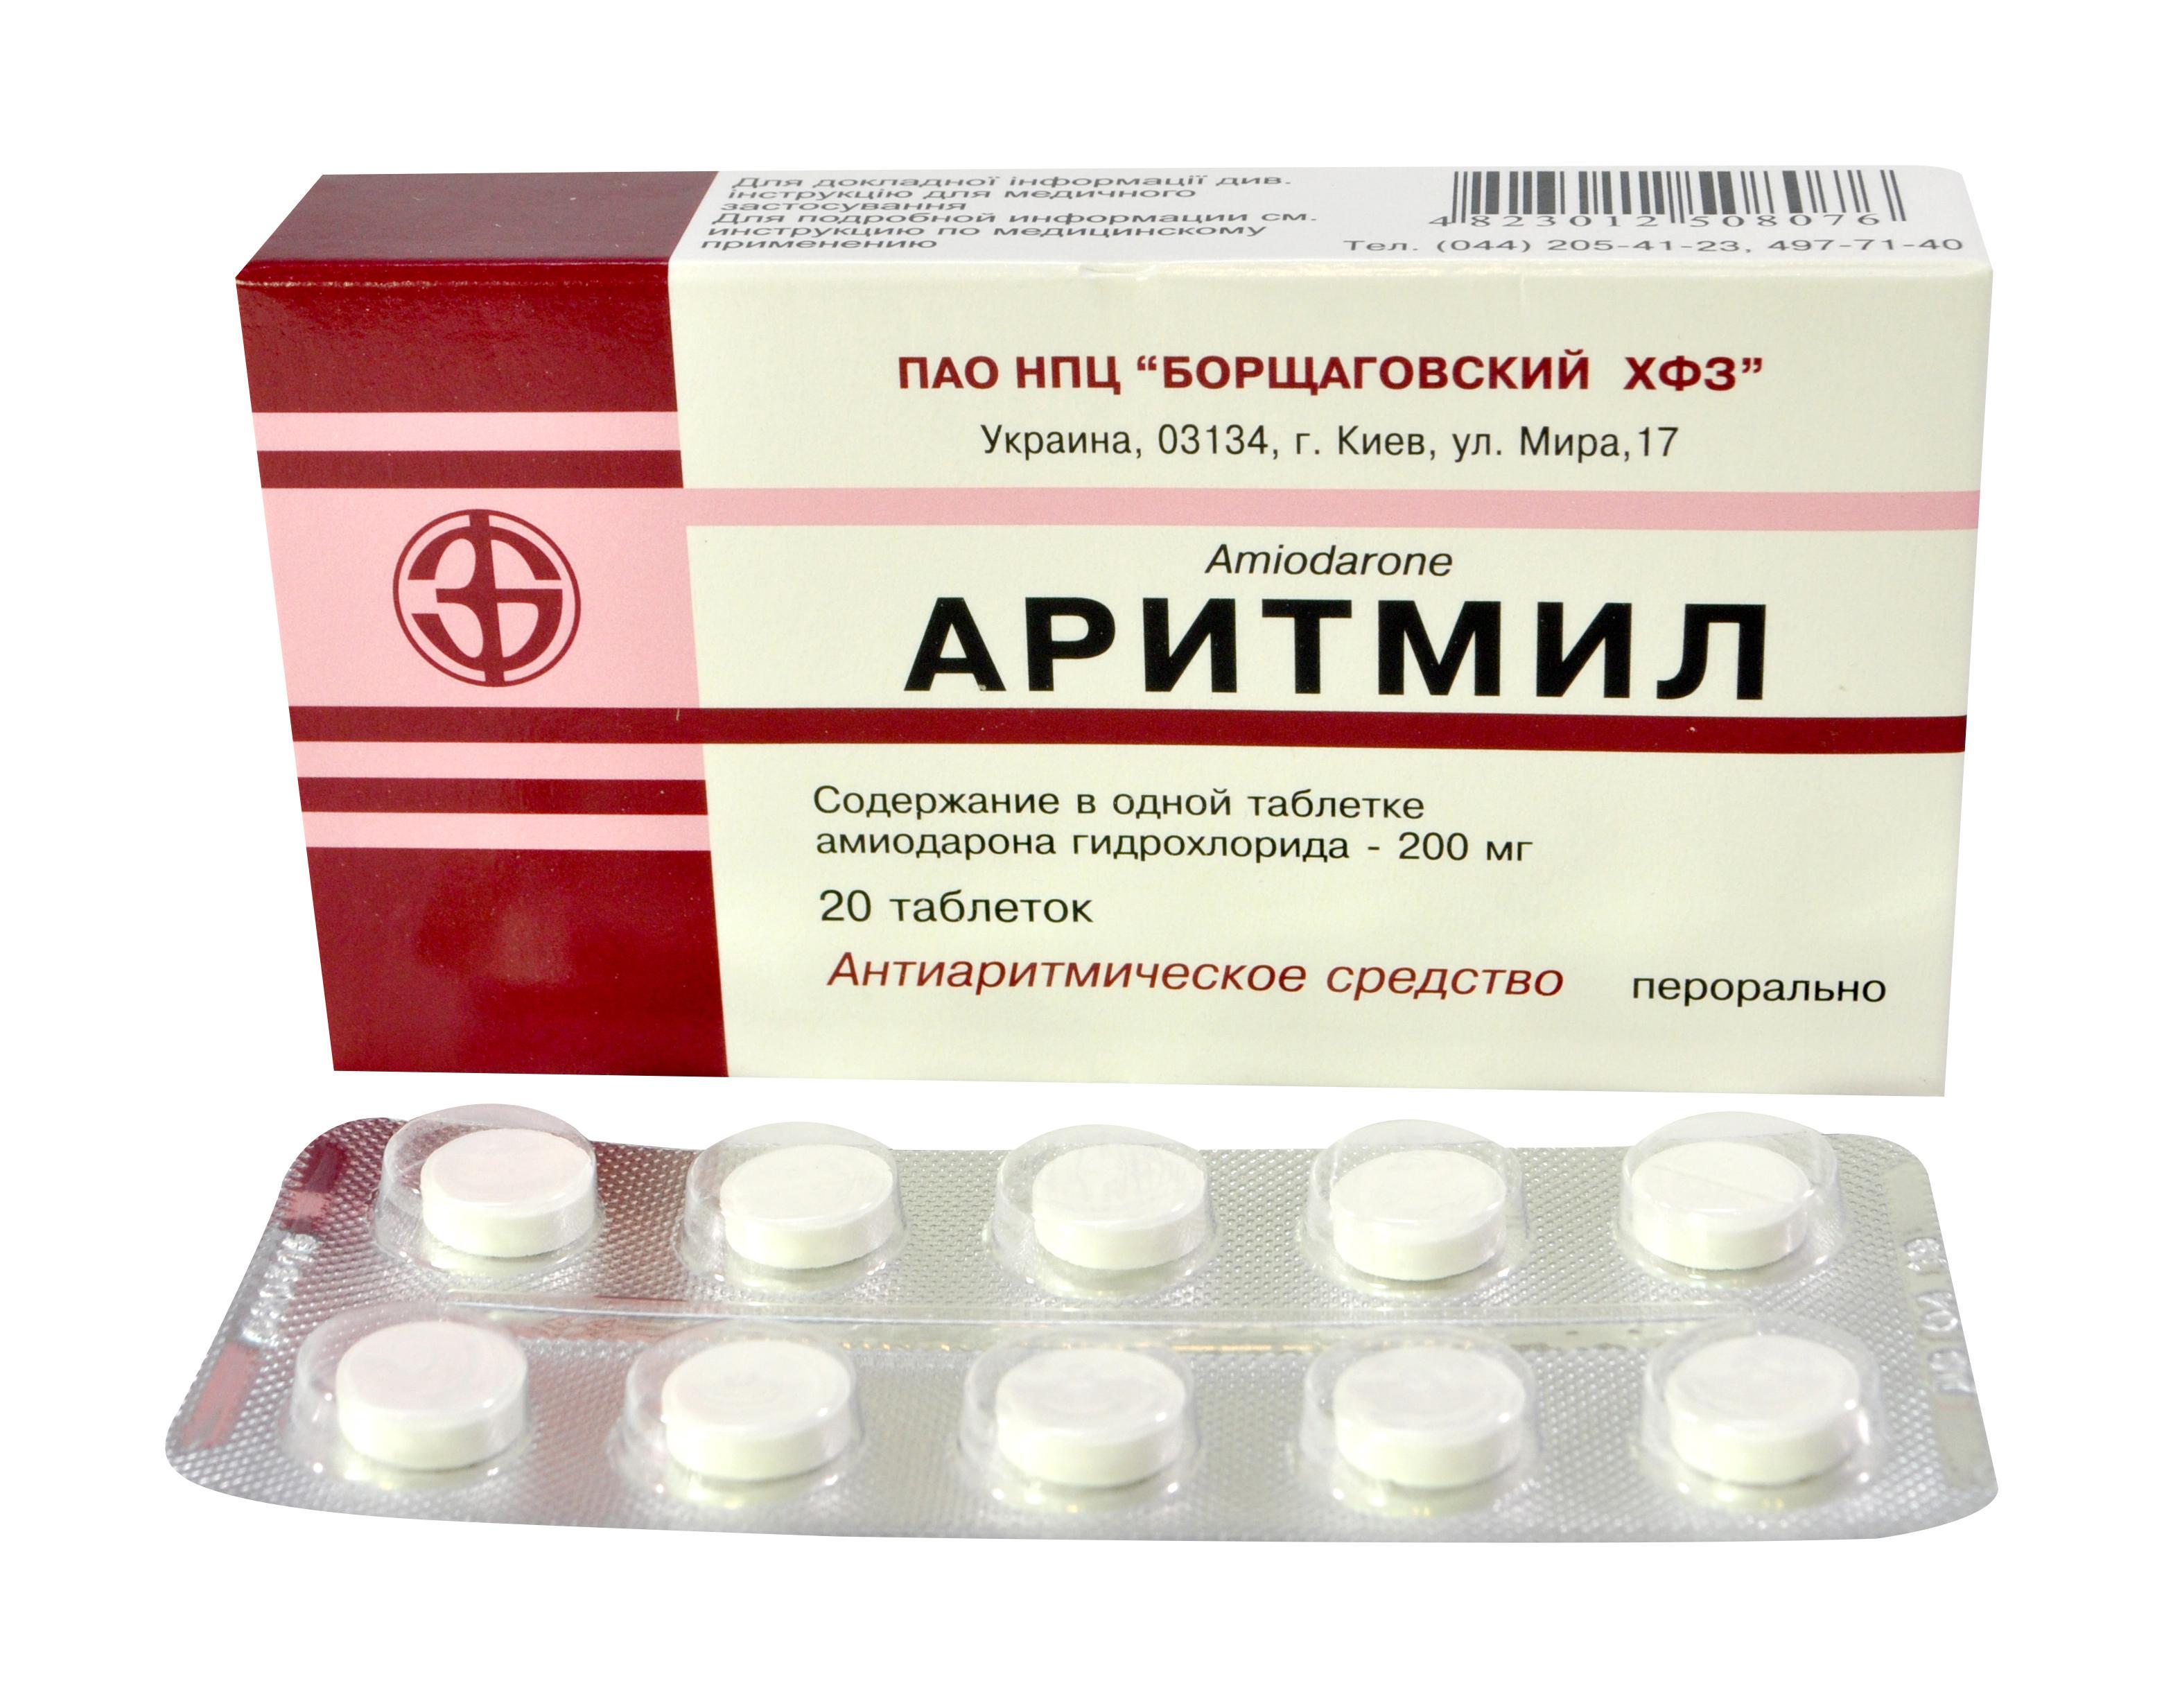 Аритмил | aritmil